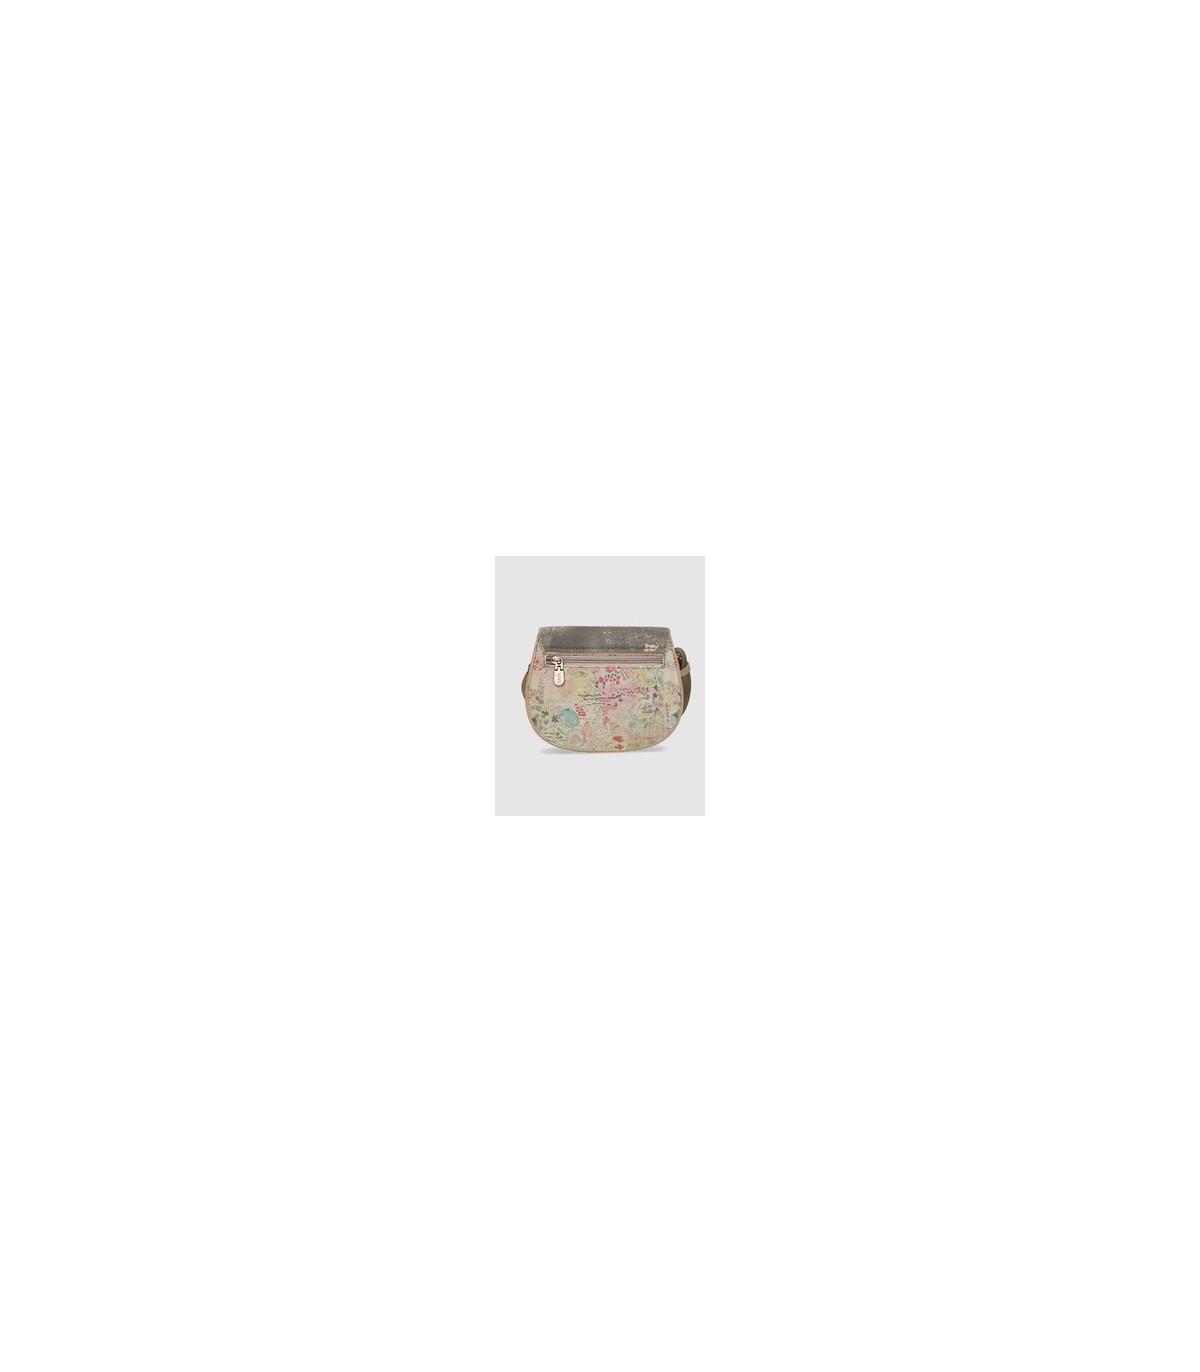 4c1c785df Bandolera pequeña de mujer Anekke multicolor con estampados combinados